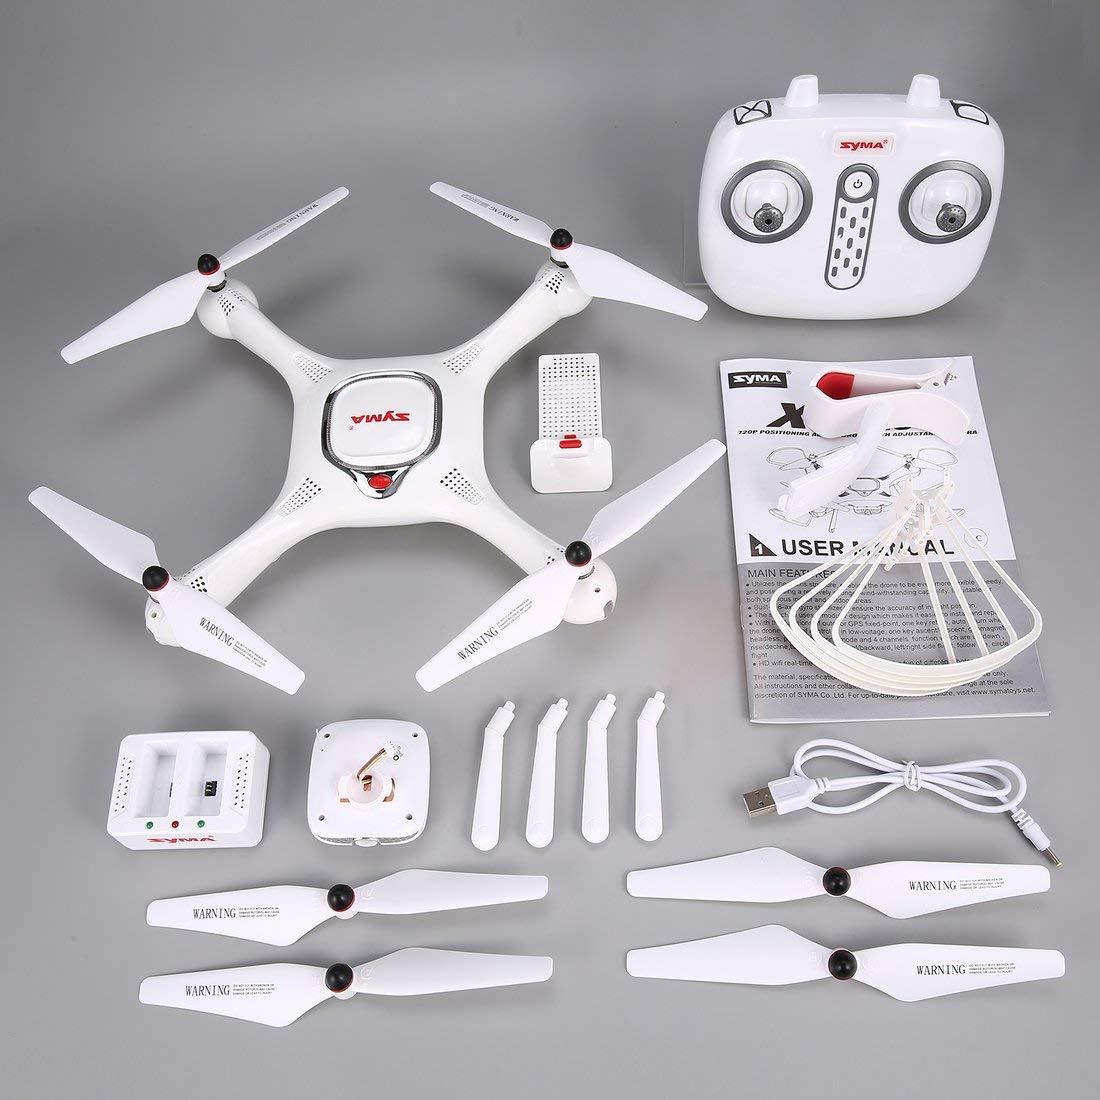 Formulaone Syma X25PRO 2.4G GPS Positionierung FPV RC Drohne Quadcopter mit 720P HD Wifi Einstellbare Kamera Höhe Halten Follow Me Geschenk